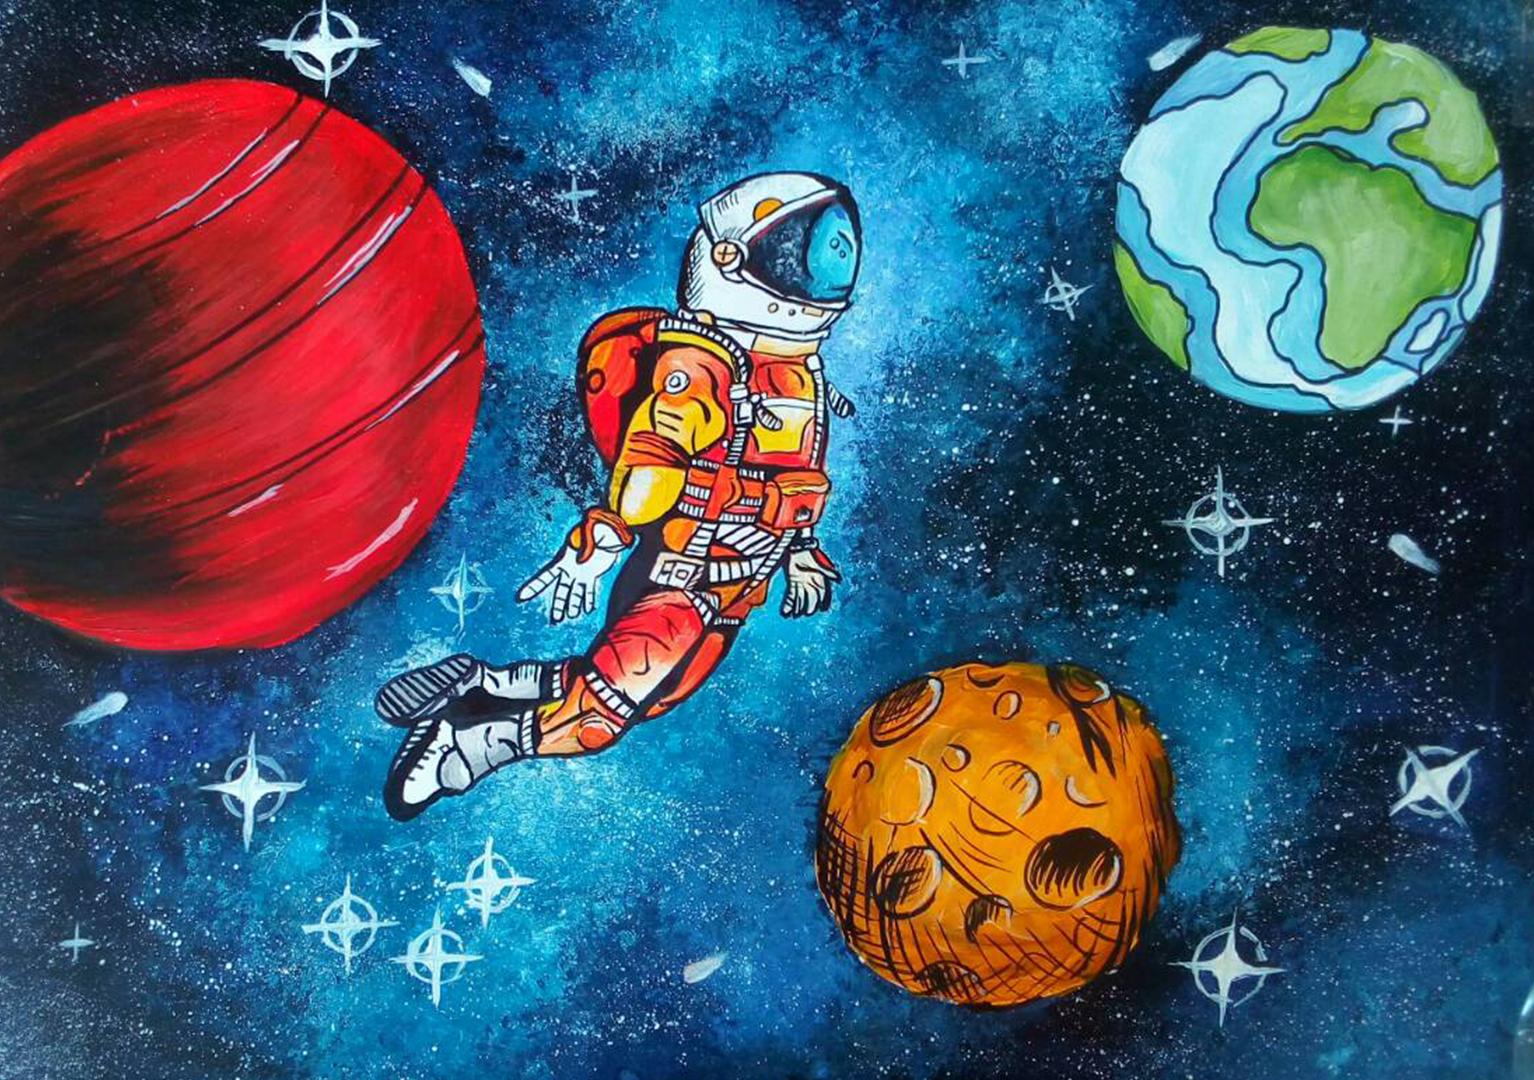 Картинки о космосе для детей, надписью лайф